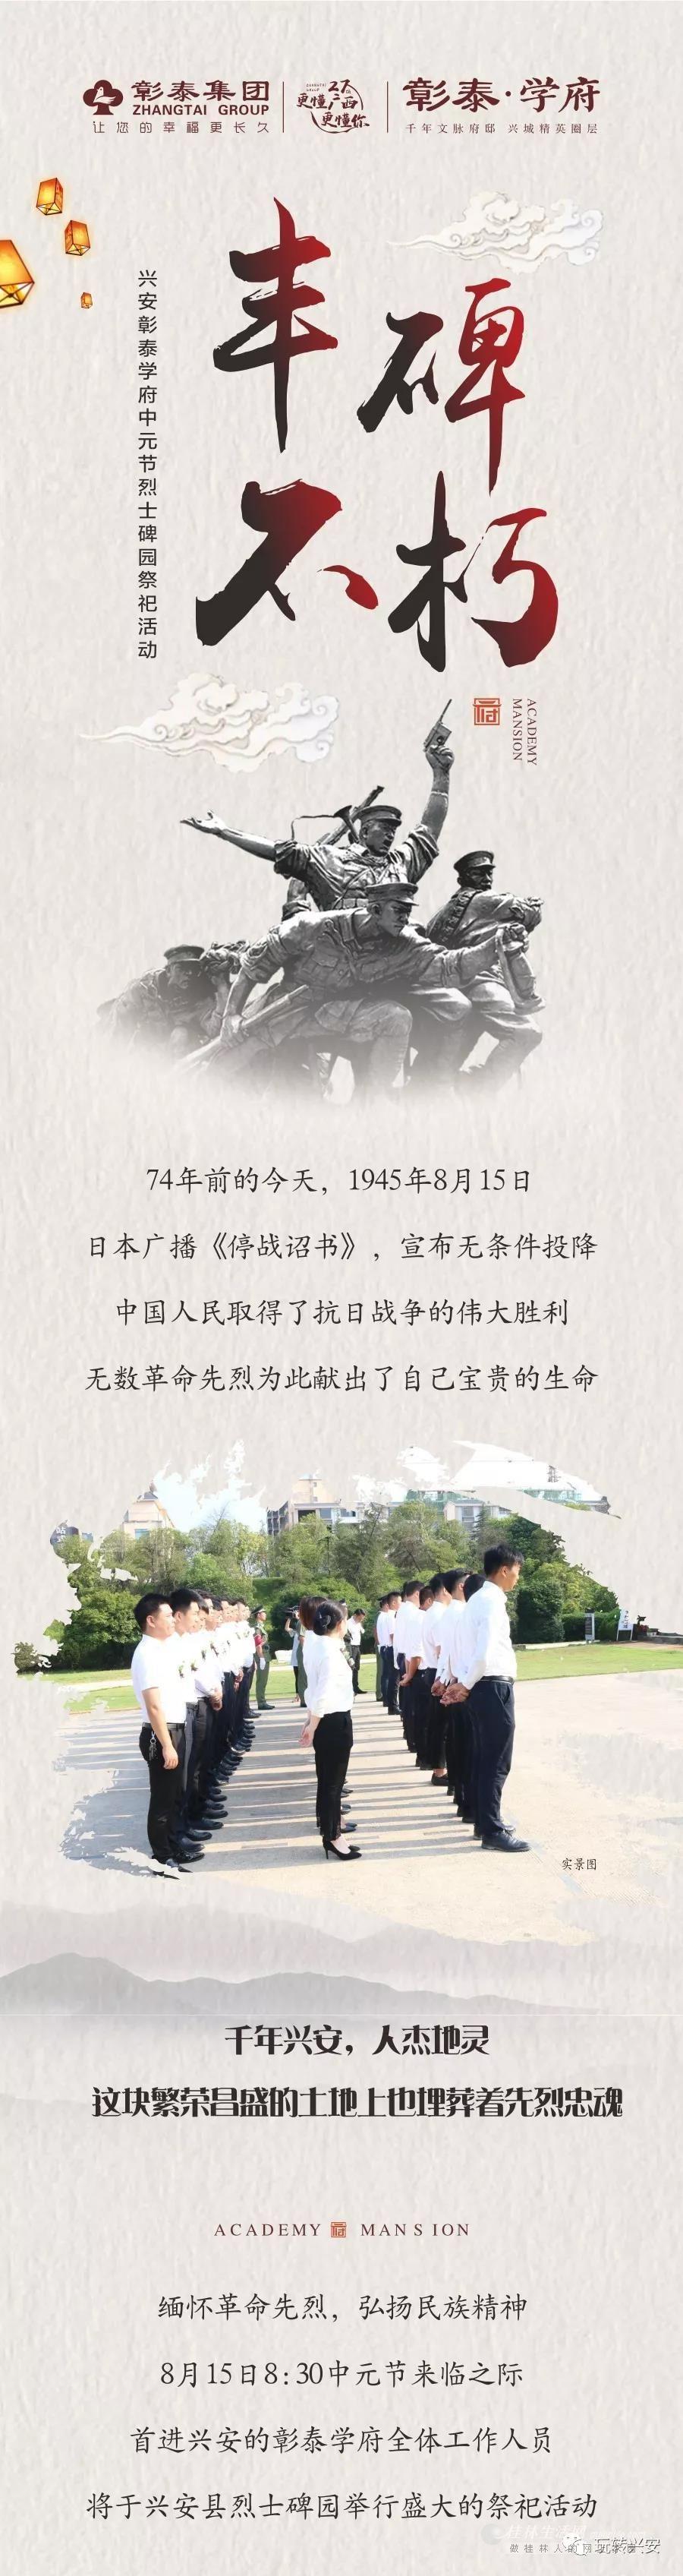 丰碑不朽!兴安彰泰学府中元节烈士碑园祭祀活动